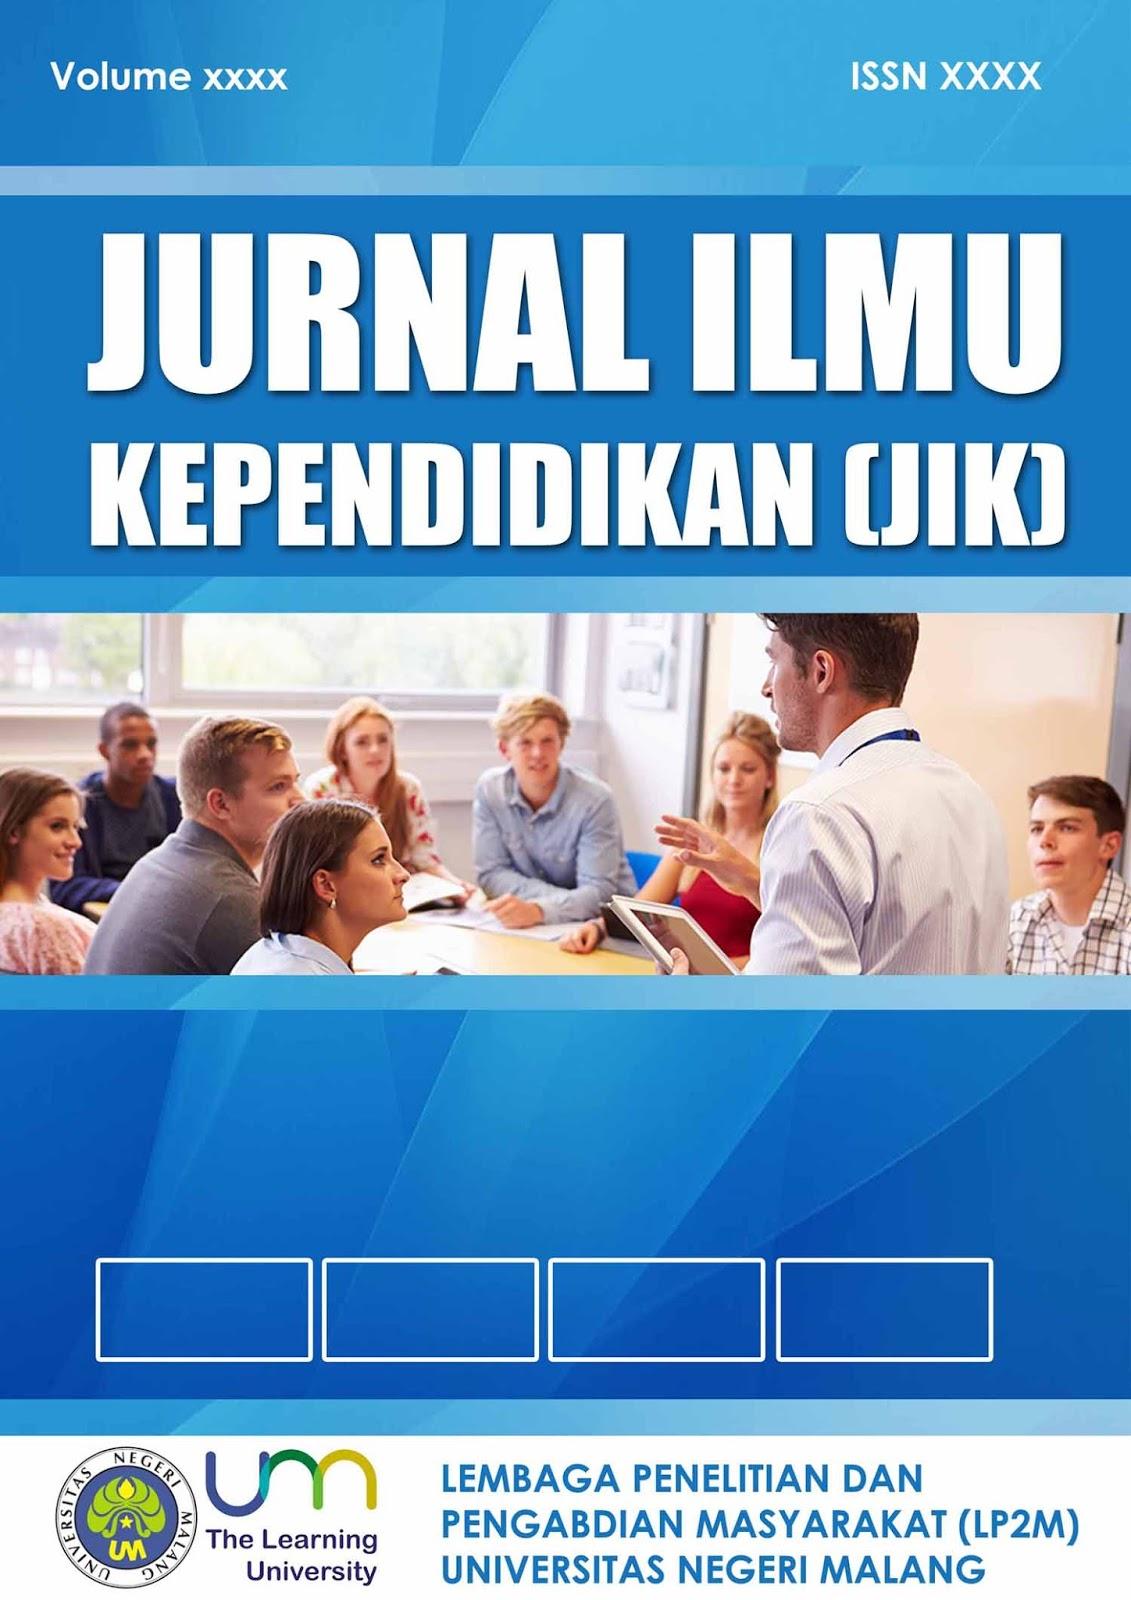 Contoh Desain Cover Jurnal Pendidikan UM